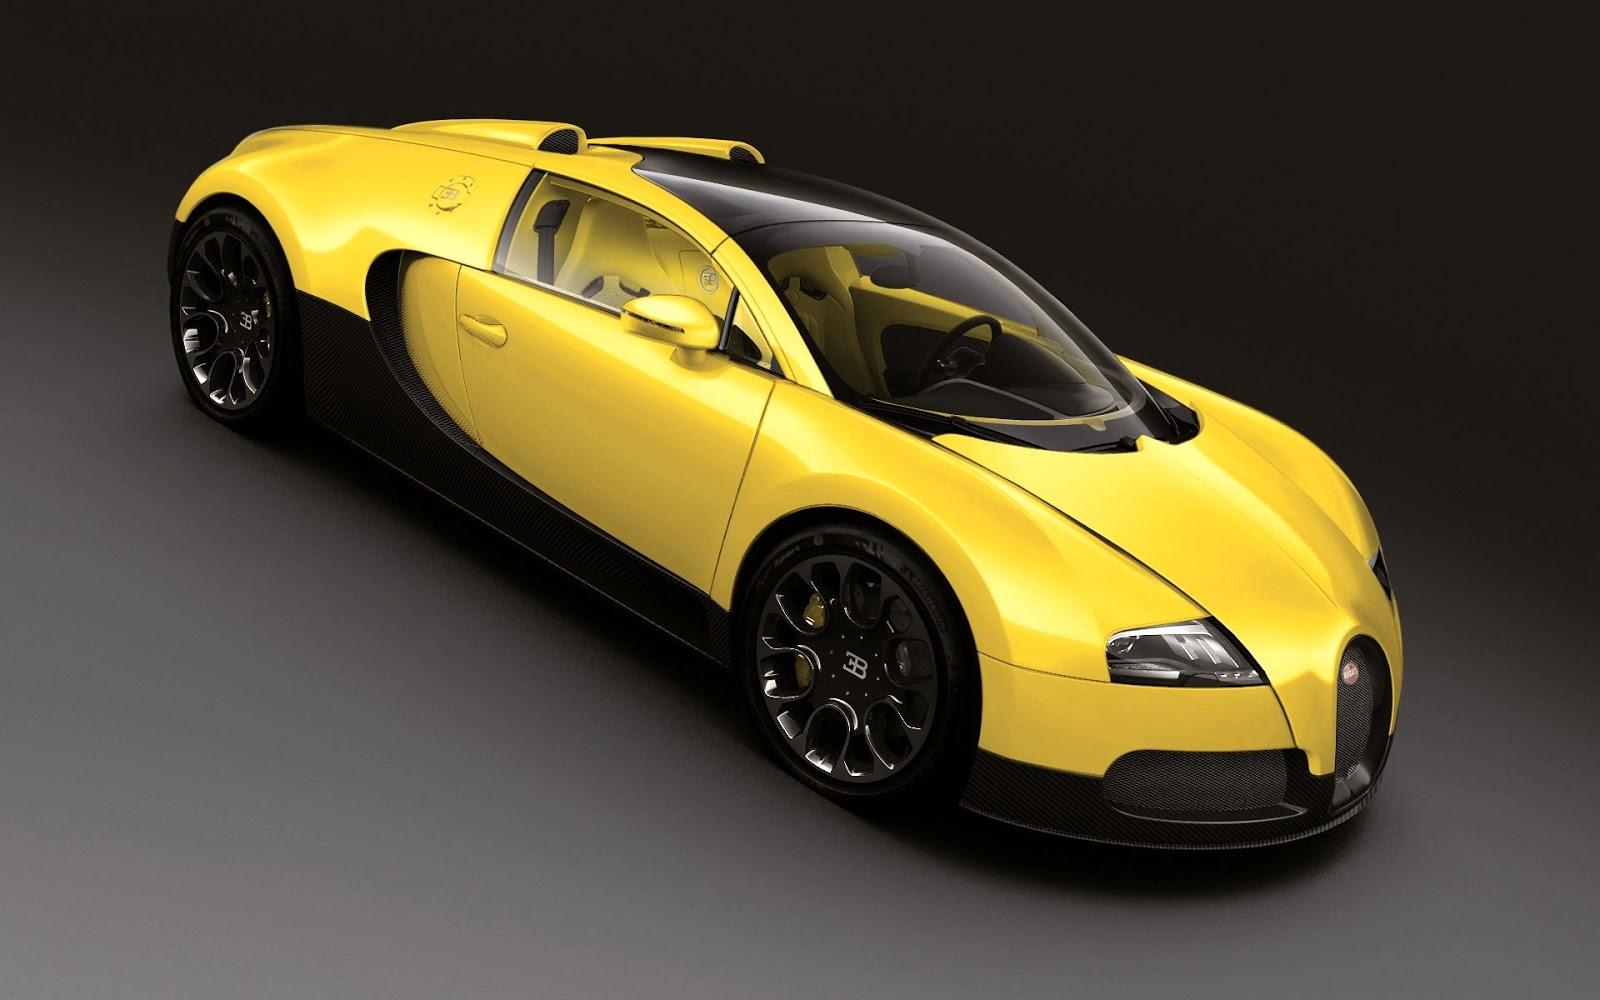 http://4.bp.blogspot.com/-FzjSOrmG_zU/UPVjMr86XPI/AAAAAAAABVM/3vzcI9wim2w/s1600/Bugatti+Veyron+16.4+Grand+Sport+2011+wallpaper.jpg